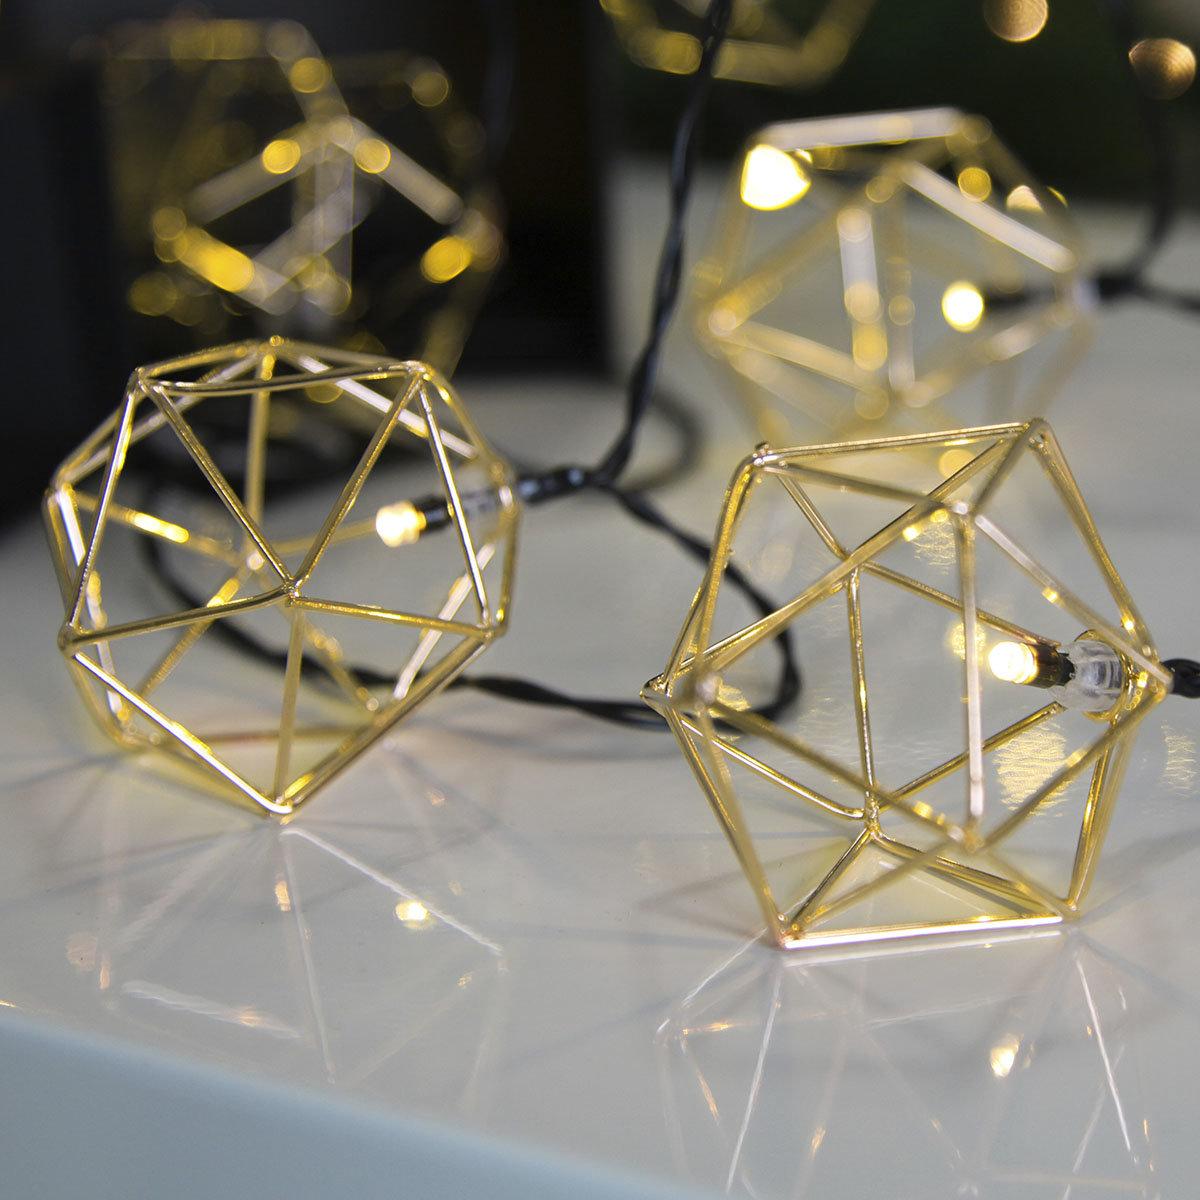 LED-Lichterkette Edge, 225 cm, Metall, gold | #2